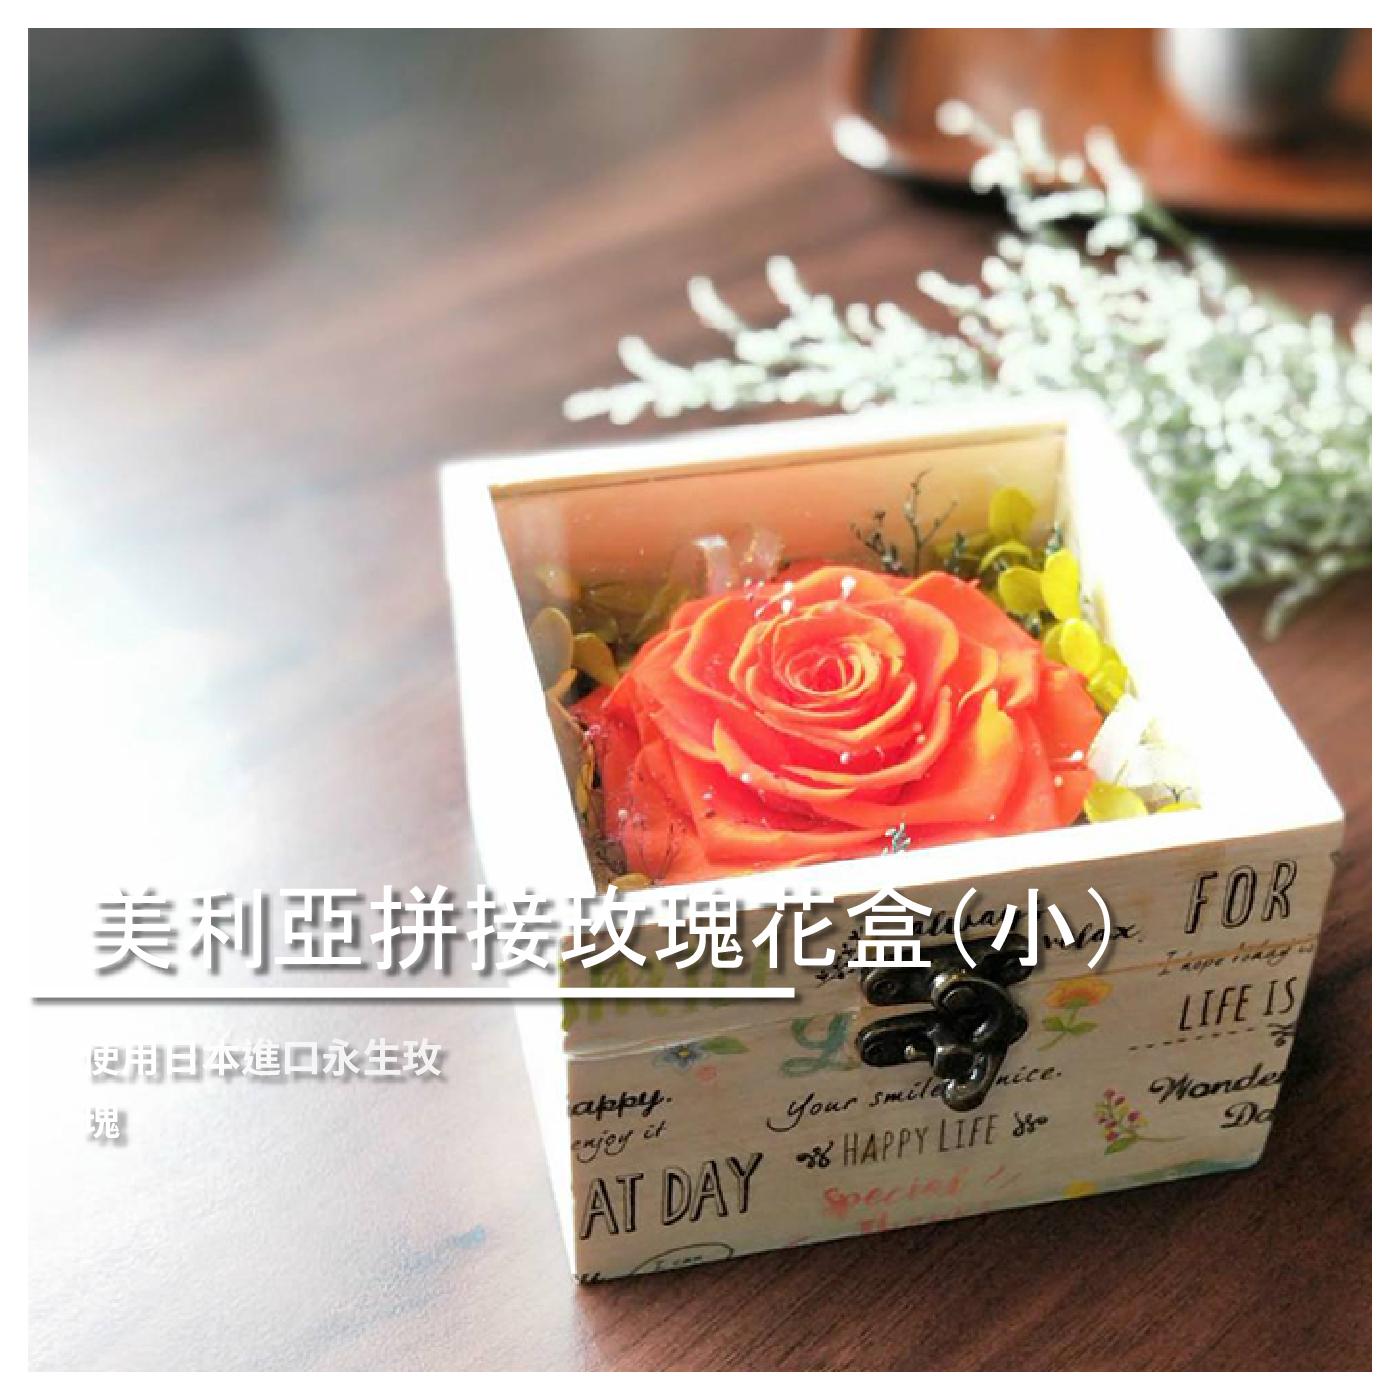 【花想容Flower Appearance】美利亞拼接玫瑰花盒(小)/永生花/乾燥花/園藝/交換禮物/情人節禮物